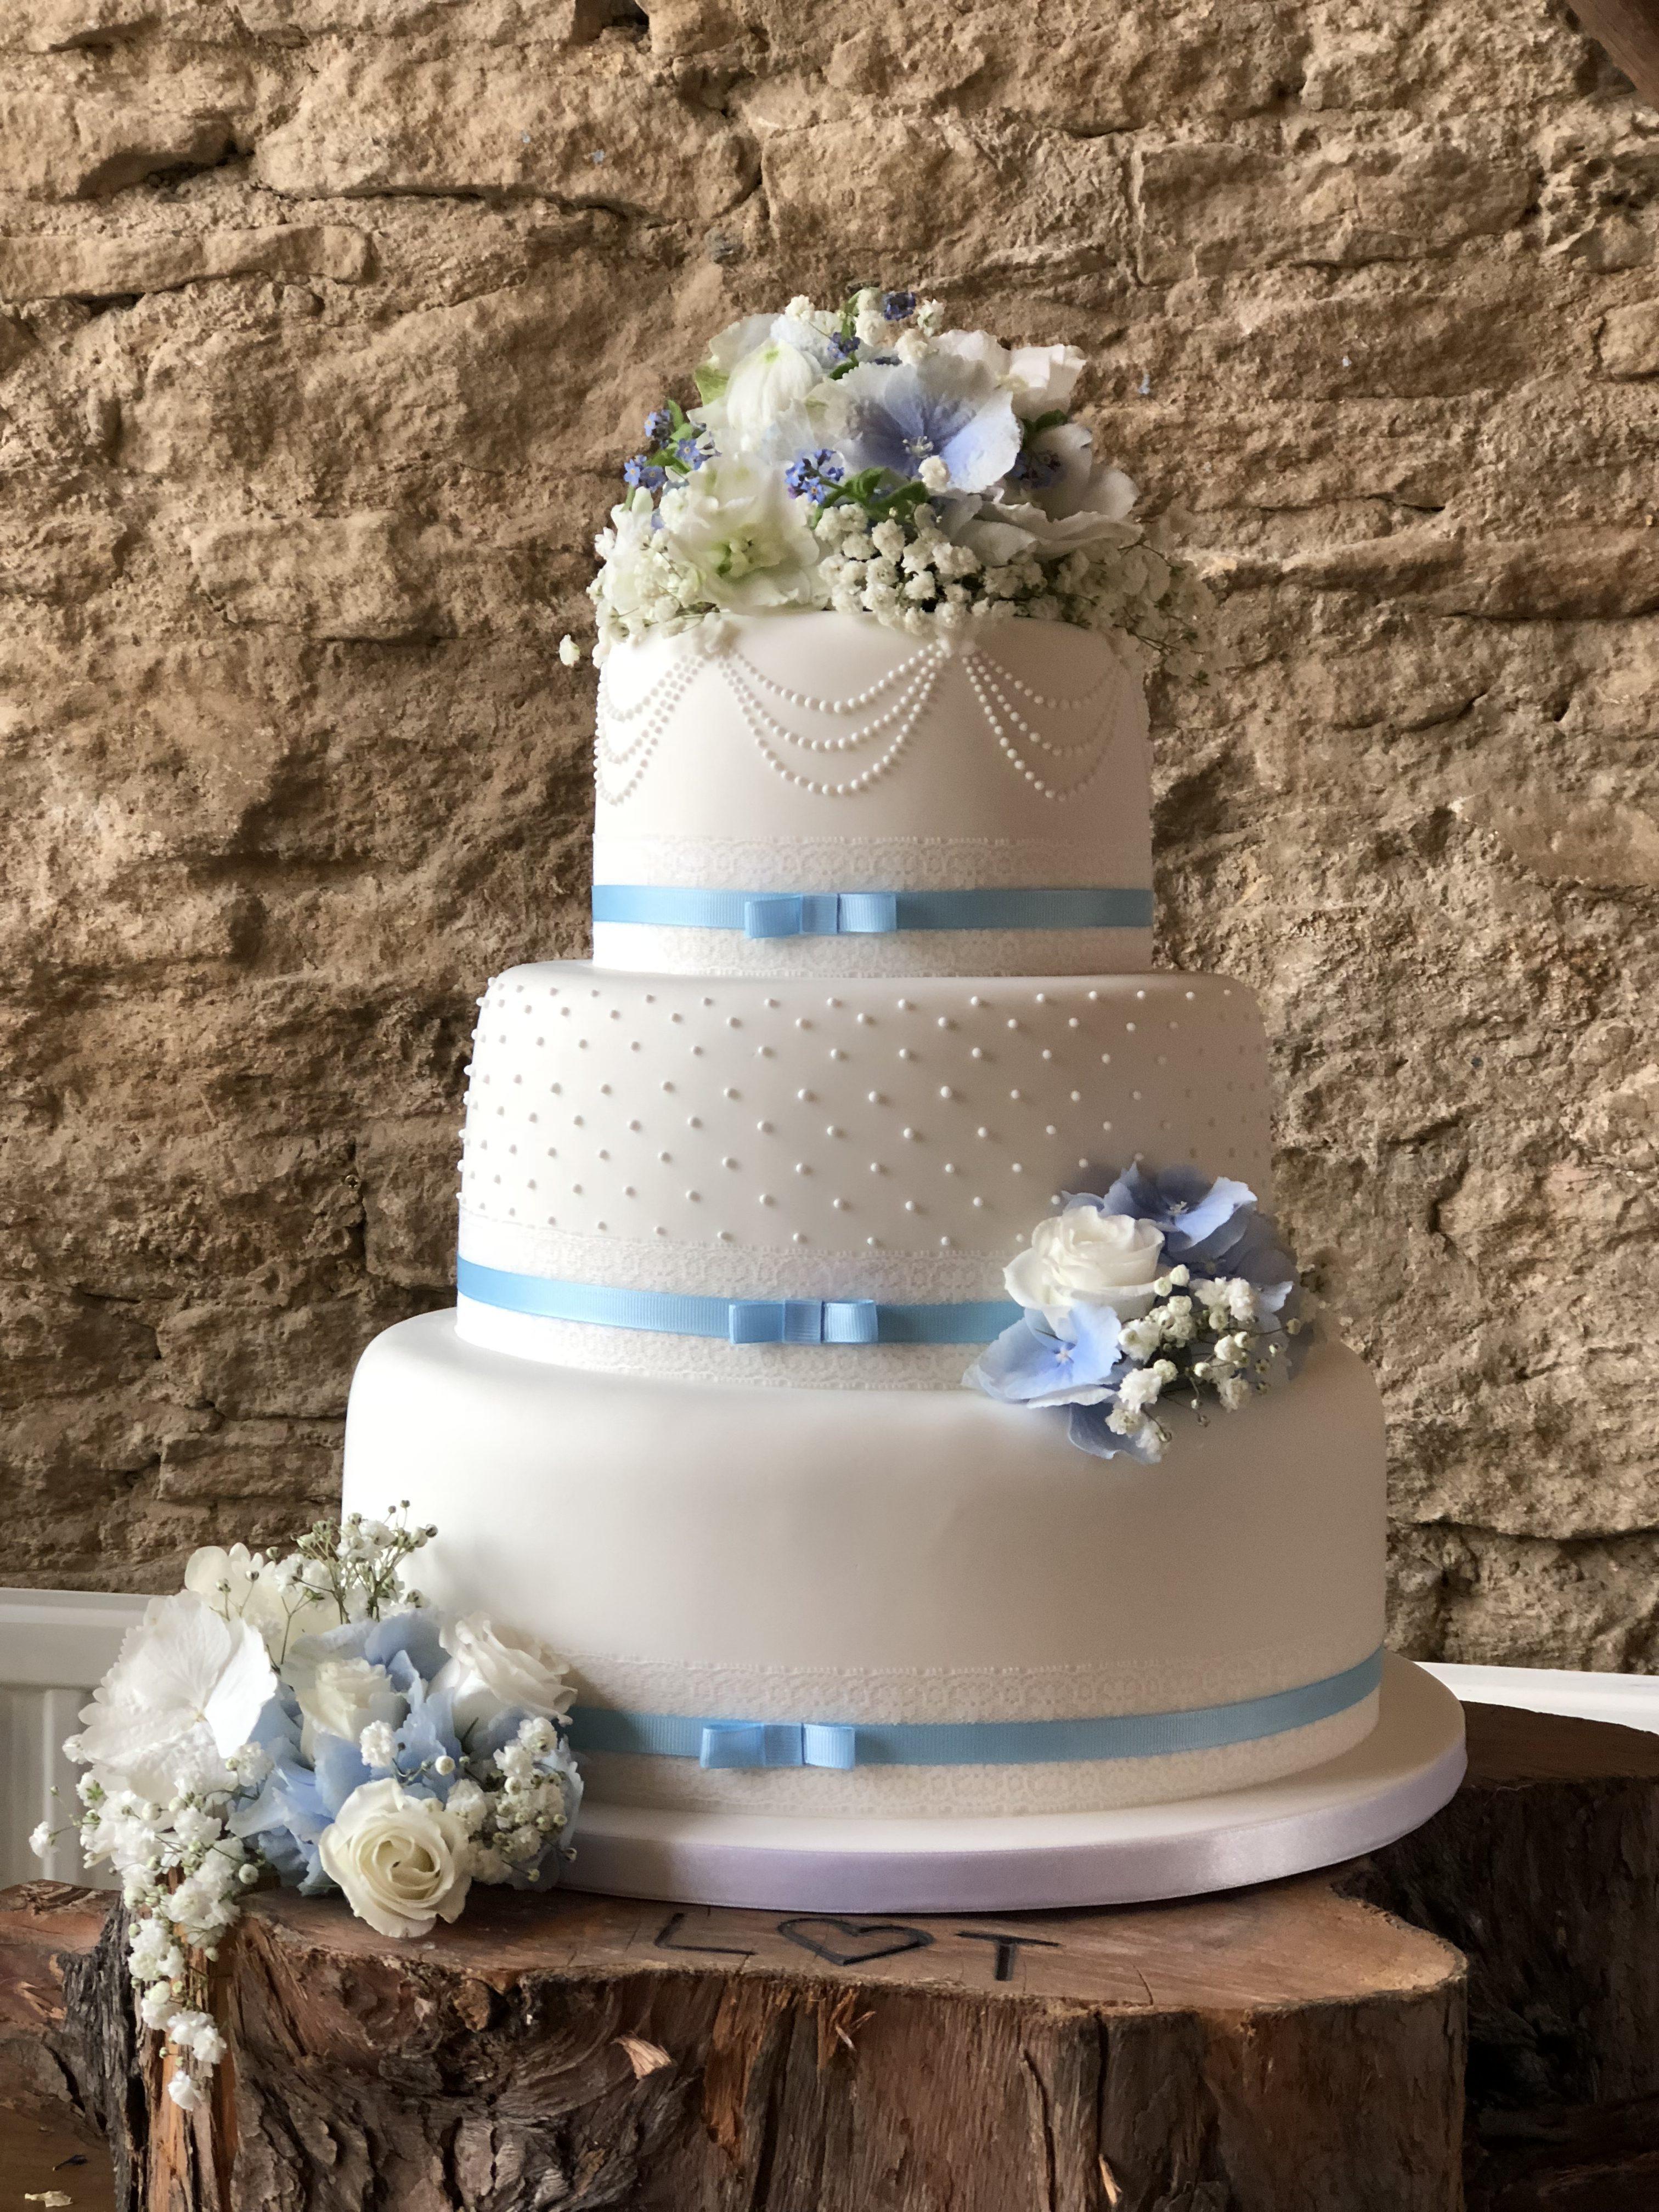 Blue Ribbons & Lace Wedding Cake